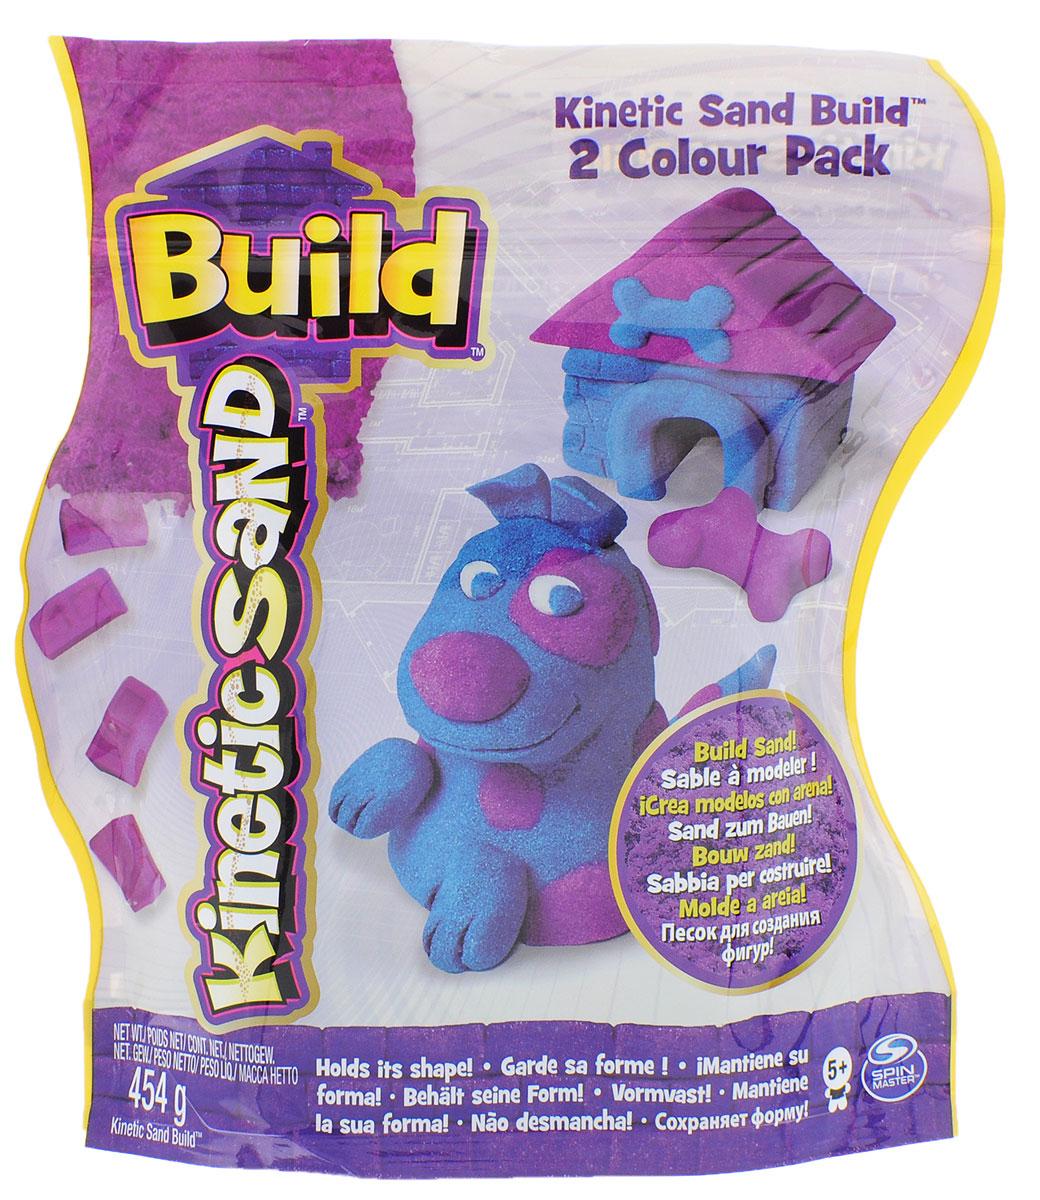 Kinetic Sand Кинетический песок цвет синий фиолетовый71428_20072344Кинетический песок Kinetic Sand - уникальный материал для детского творчества. На первый взгляд он напоминает влажный морской песок, но когда вы берете его в руки - проявляются его необычные свойства. Он течет сквозь пальцы и в то же время остается сухим. Он рыхлый, но из него можно строить разнообразные фигуры. Он приятный на ощупь, не оставляет следов на руках и может использоваться как расслабляющее и терапевтическое средство. Кинетический песок Kinetic Sand представляет собой смесь чистого песка (98%) и специального связующего вещества (2%). Абсолютно безопасен. Никогда не высыхает. Оставляет все поверхности совершенно чистыми. Является неблагоприятной средой для размножения бактерий. С песком Kinetic Sand интересно играть как одному ребенку, так и нескольким одновременно. Развивает мелкую моторику, чувственное восприятие и креативность.